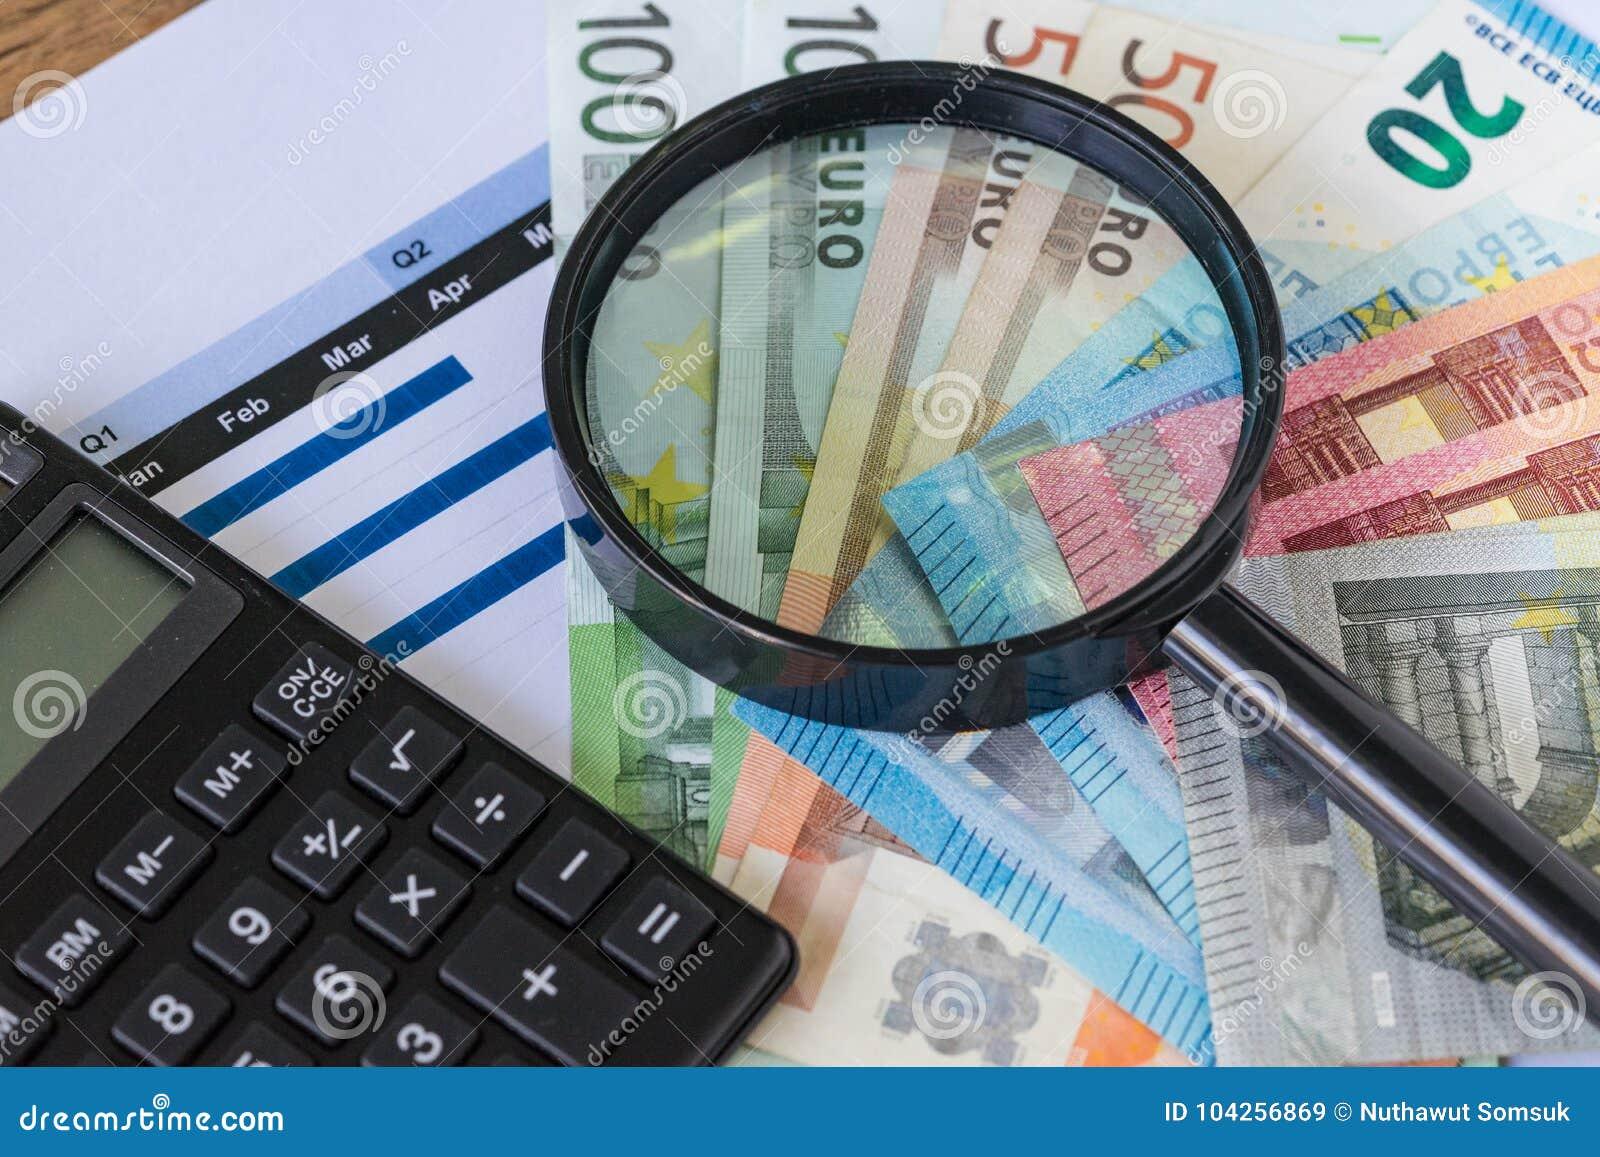 Powiększać - szklany i czarny kalkulator na stosie Euro banknoty